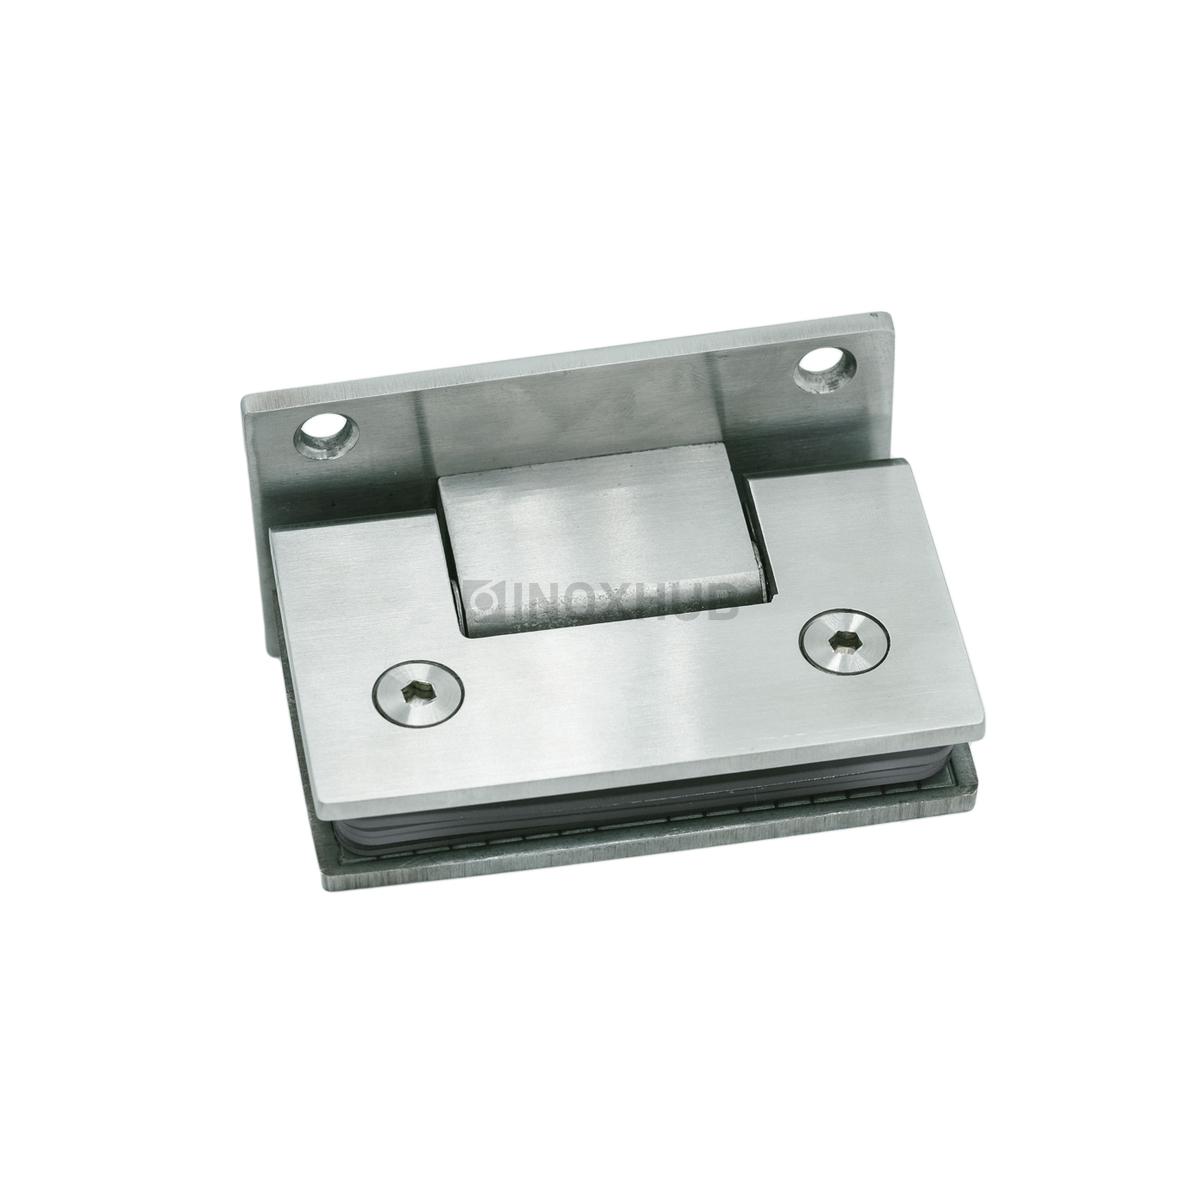 Петля (301 SSS) стена-стекло (без фаски) двустороннее крепление, нерж. сталь матовая